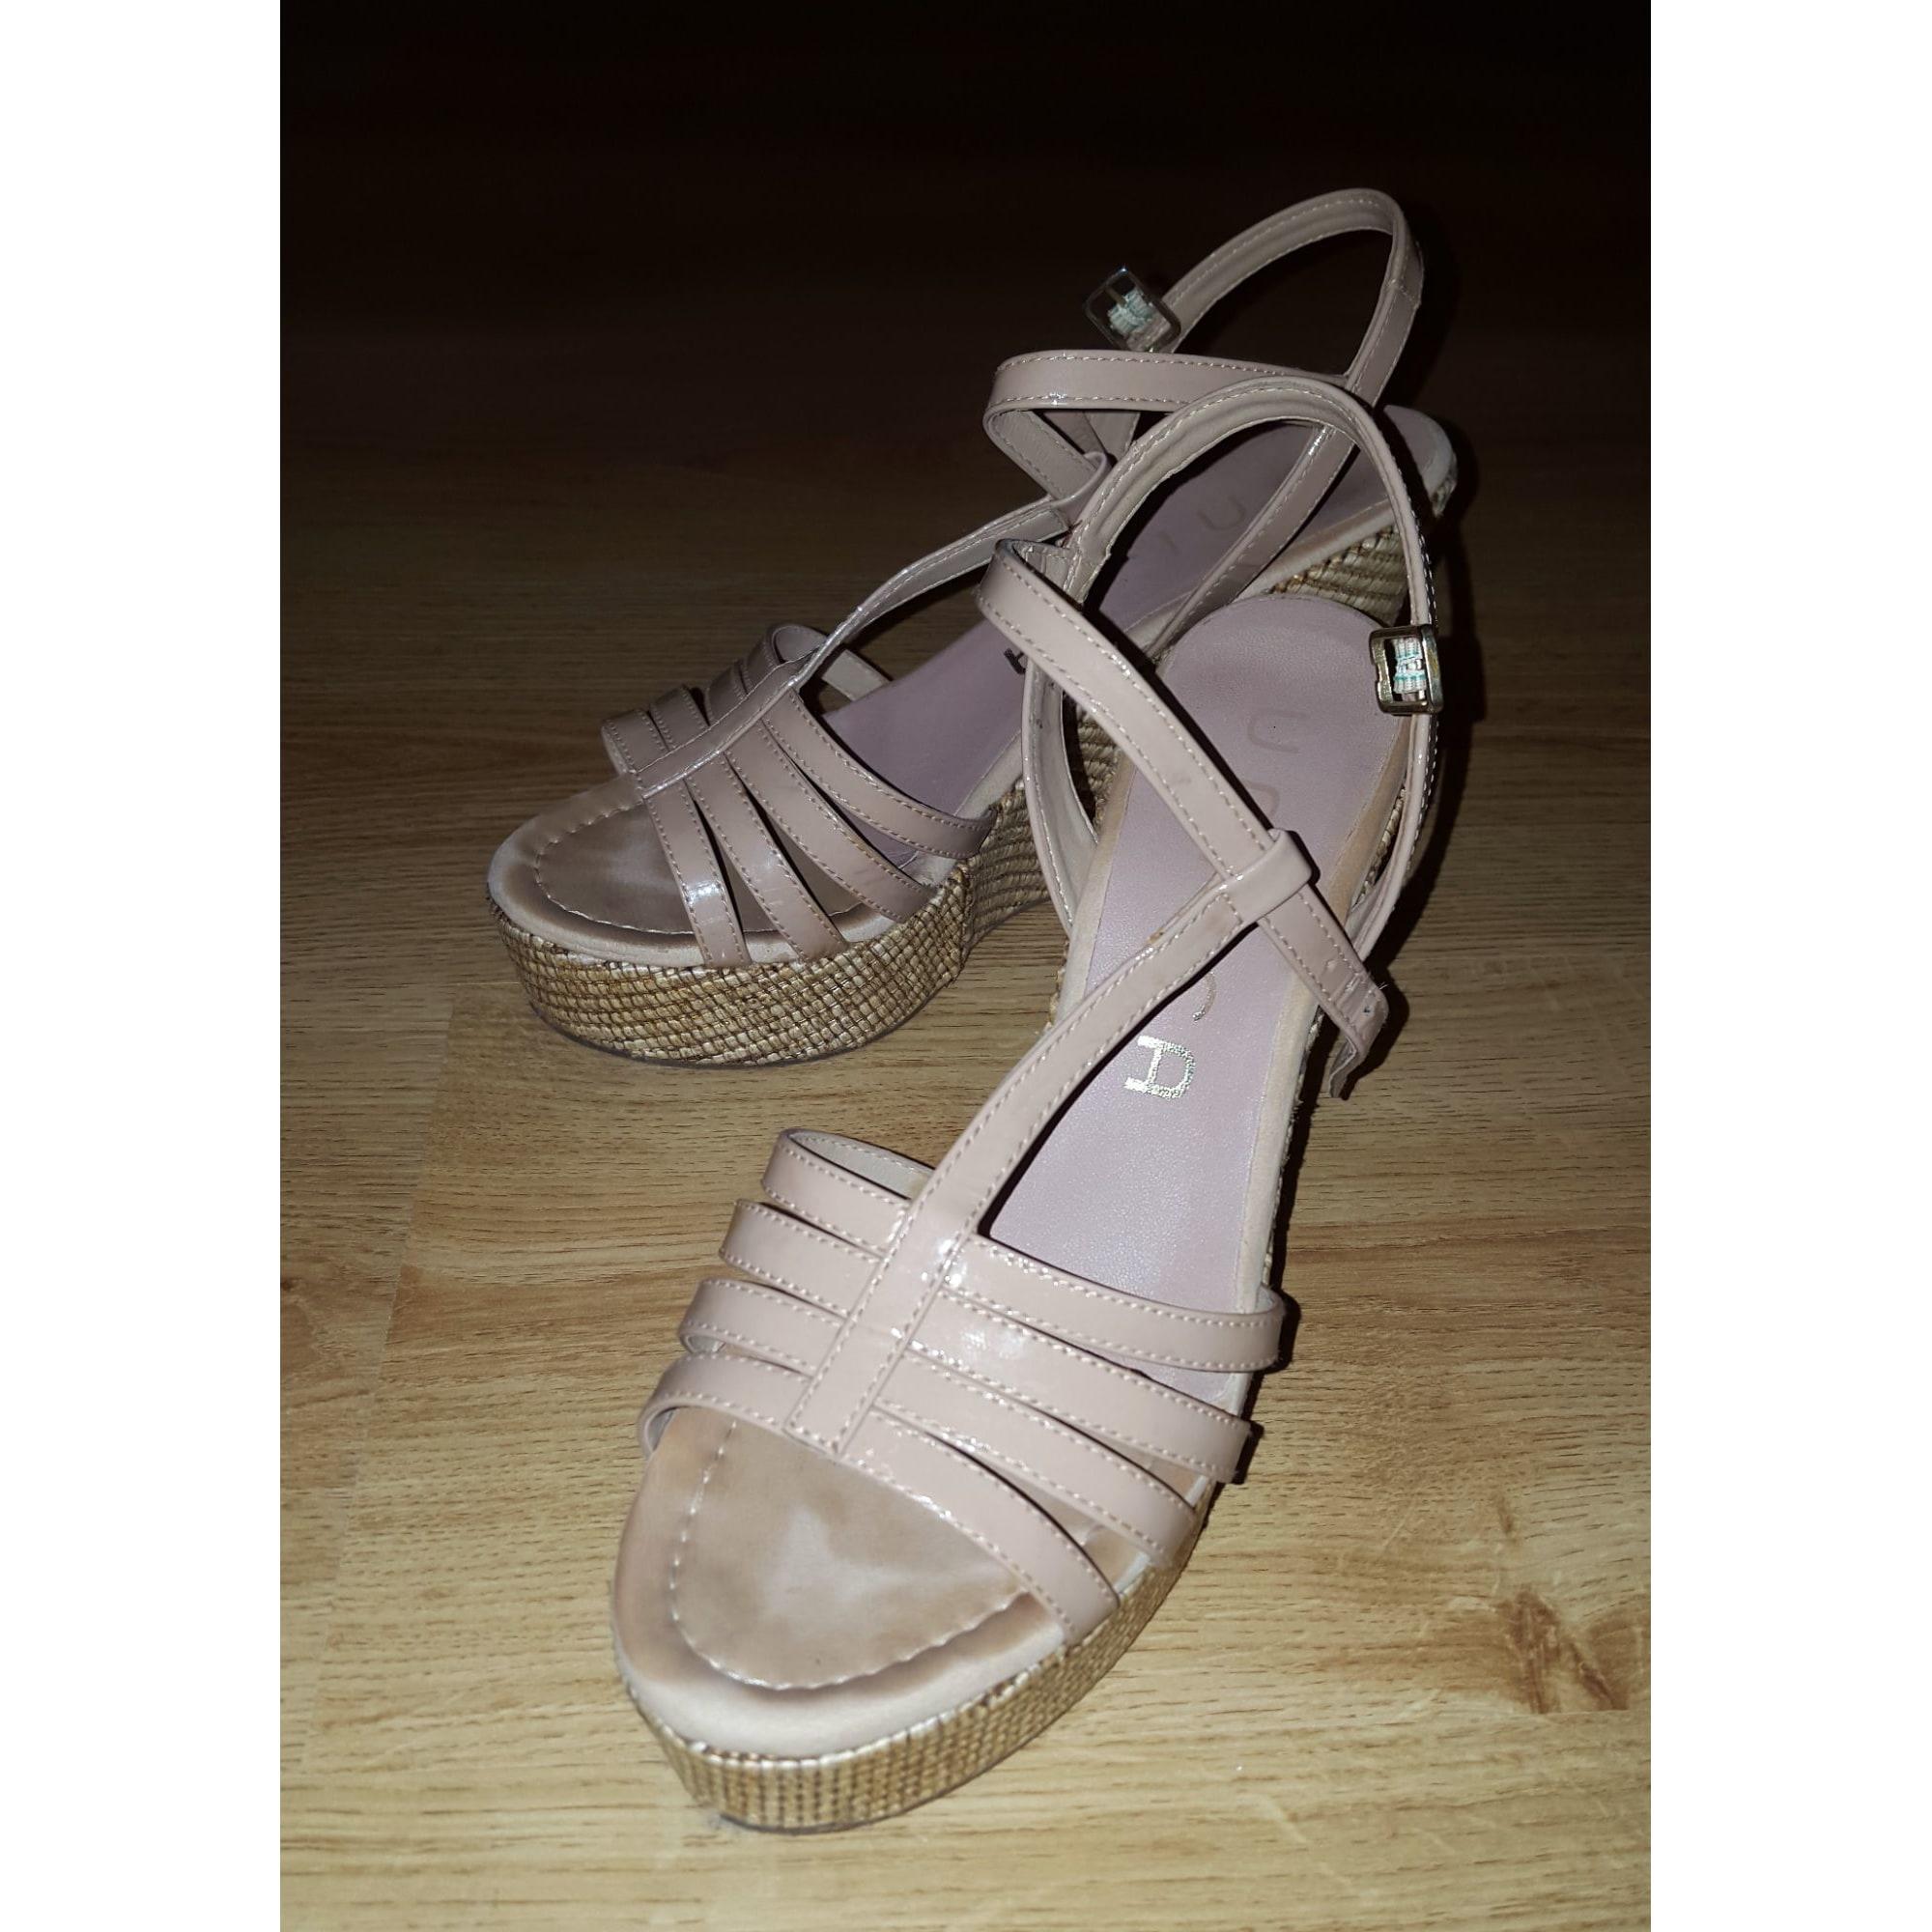 Sandales compensées UNISA Beige, camel